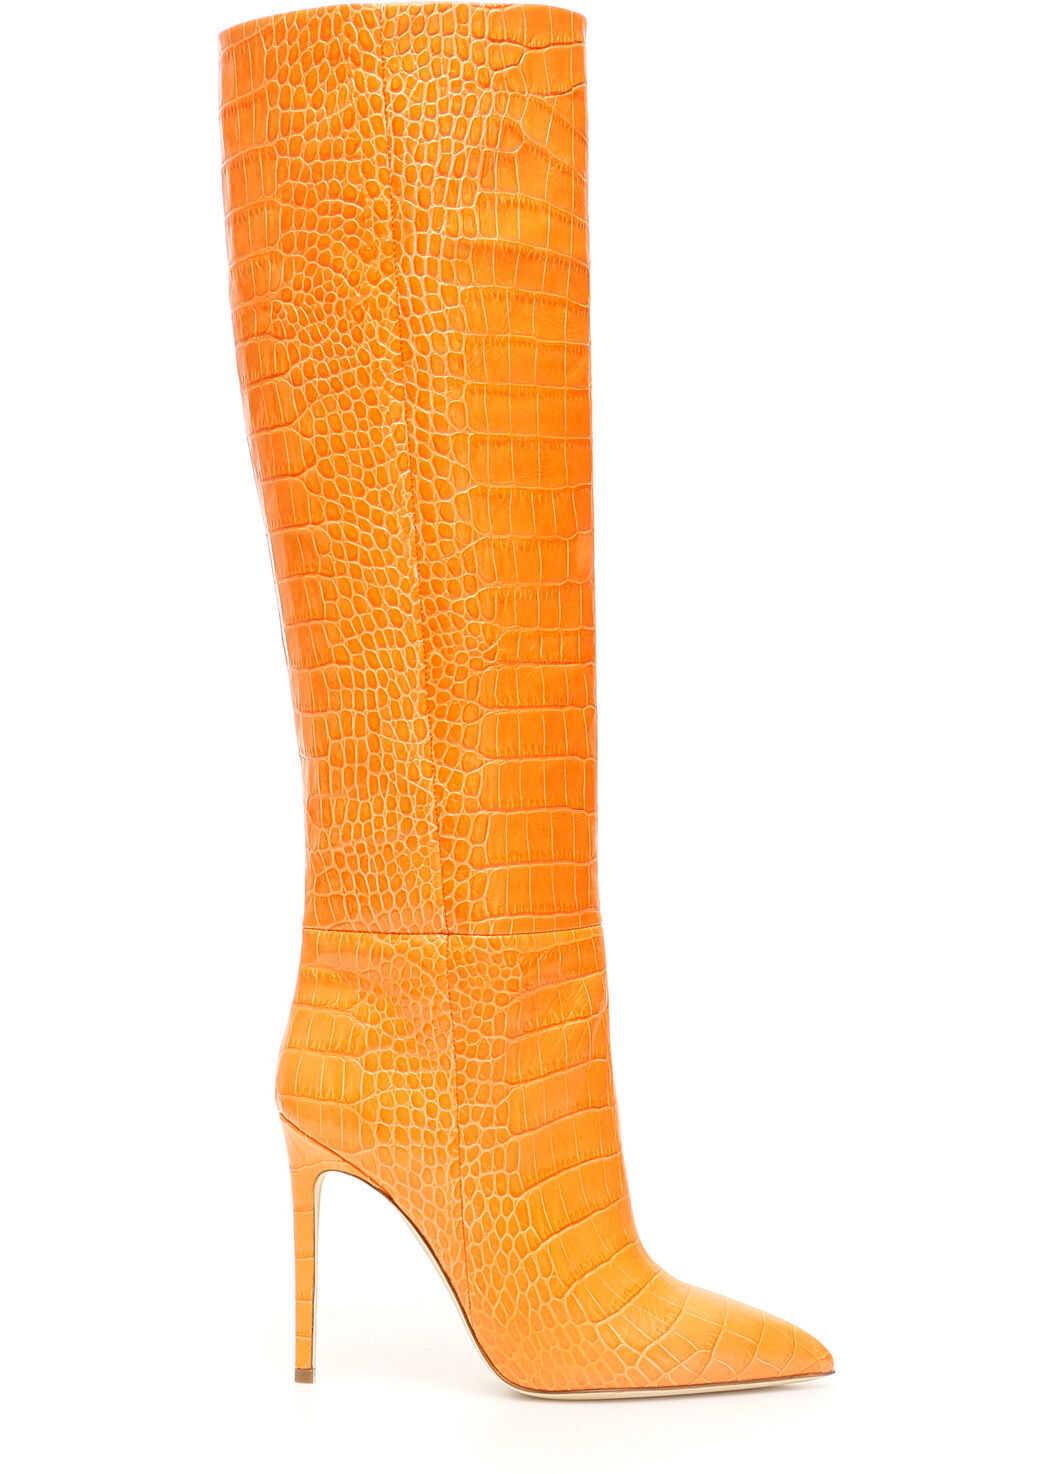 Paris Texas Croc-Print Boots ARANCIO